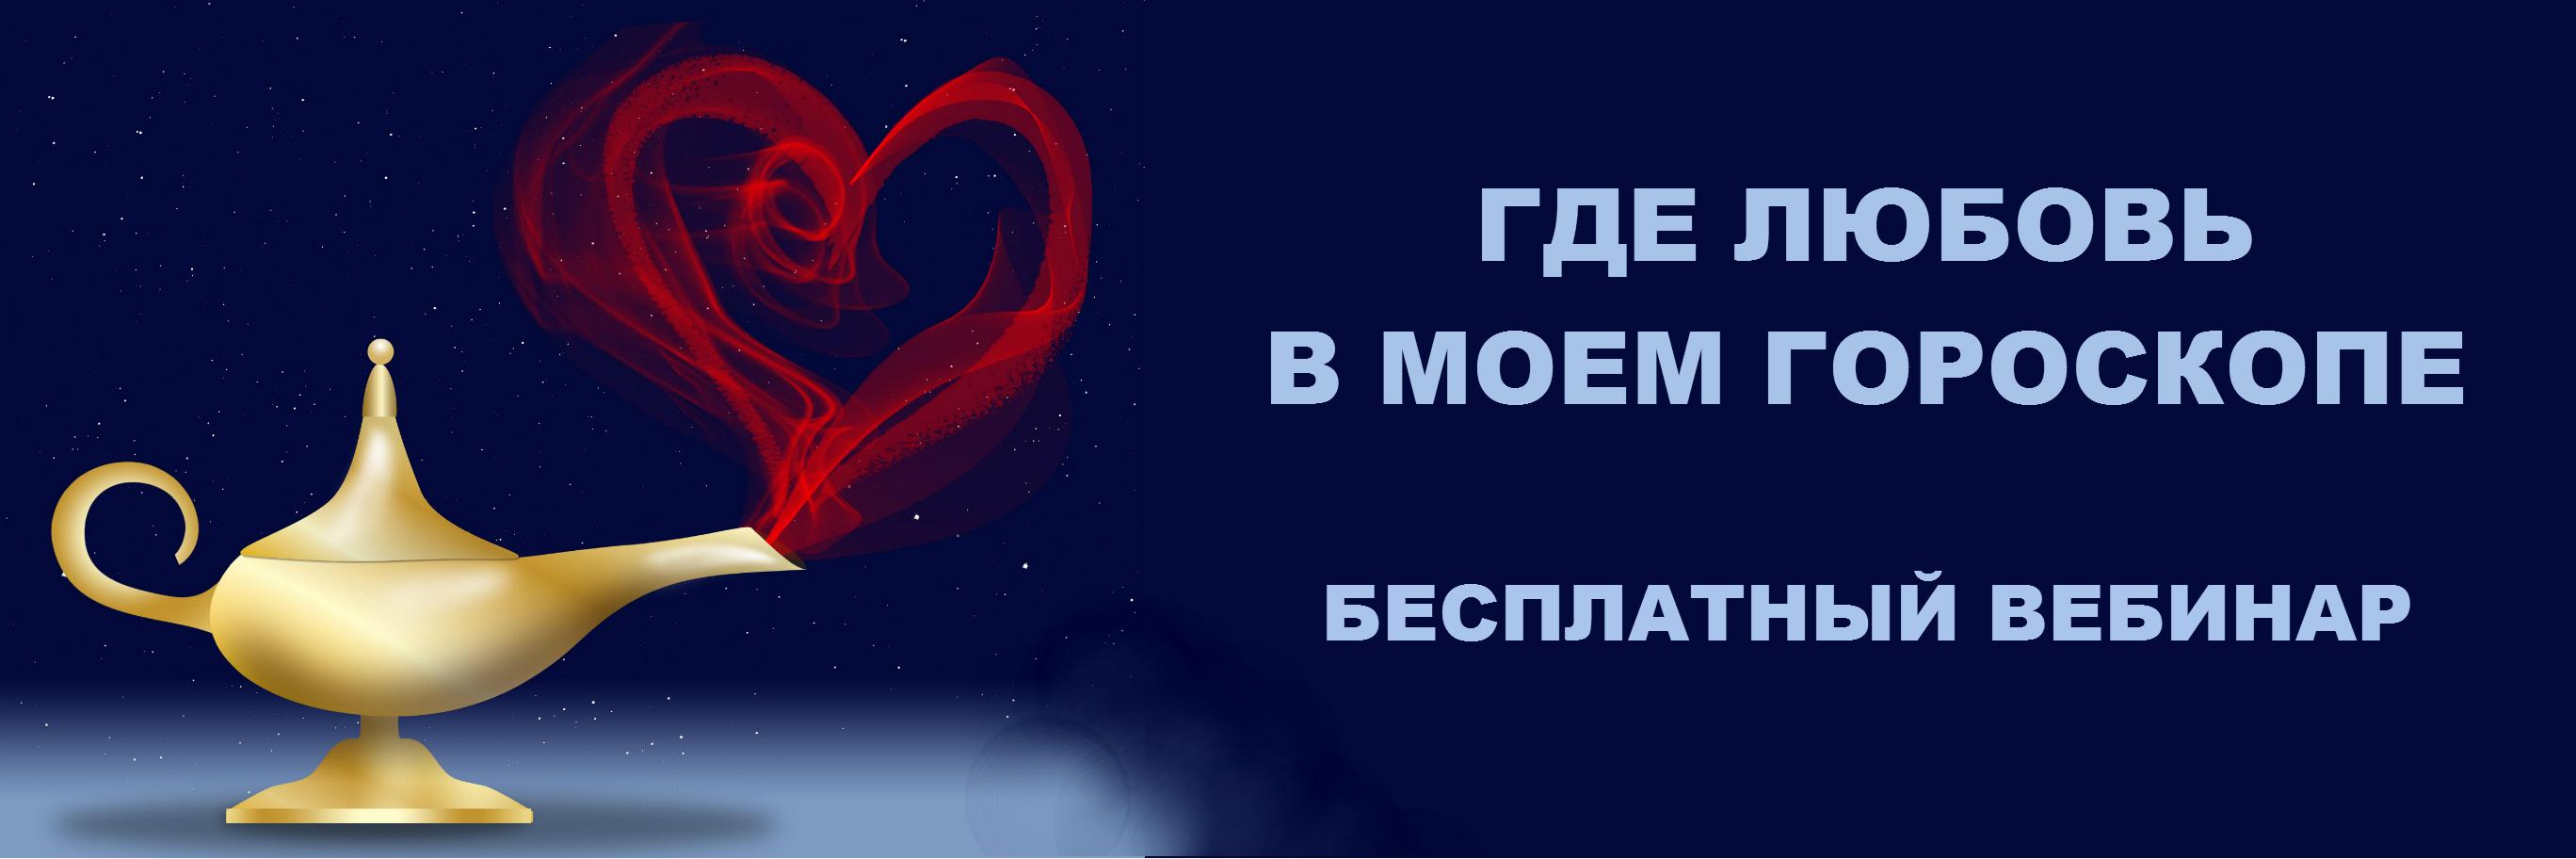 Где любовь в моем гороскопе. Бесплатный вебинар. Sun-n-clouds.ru